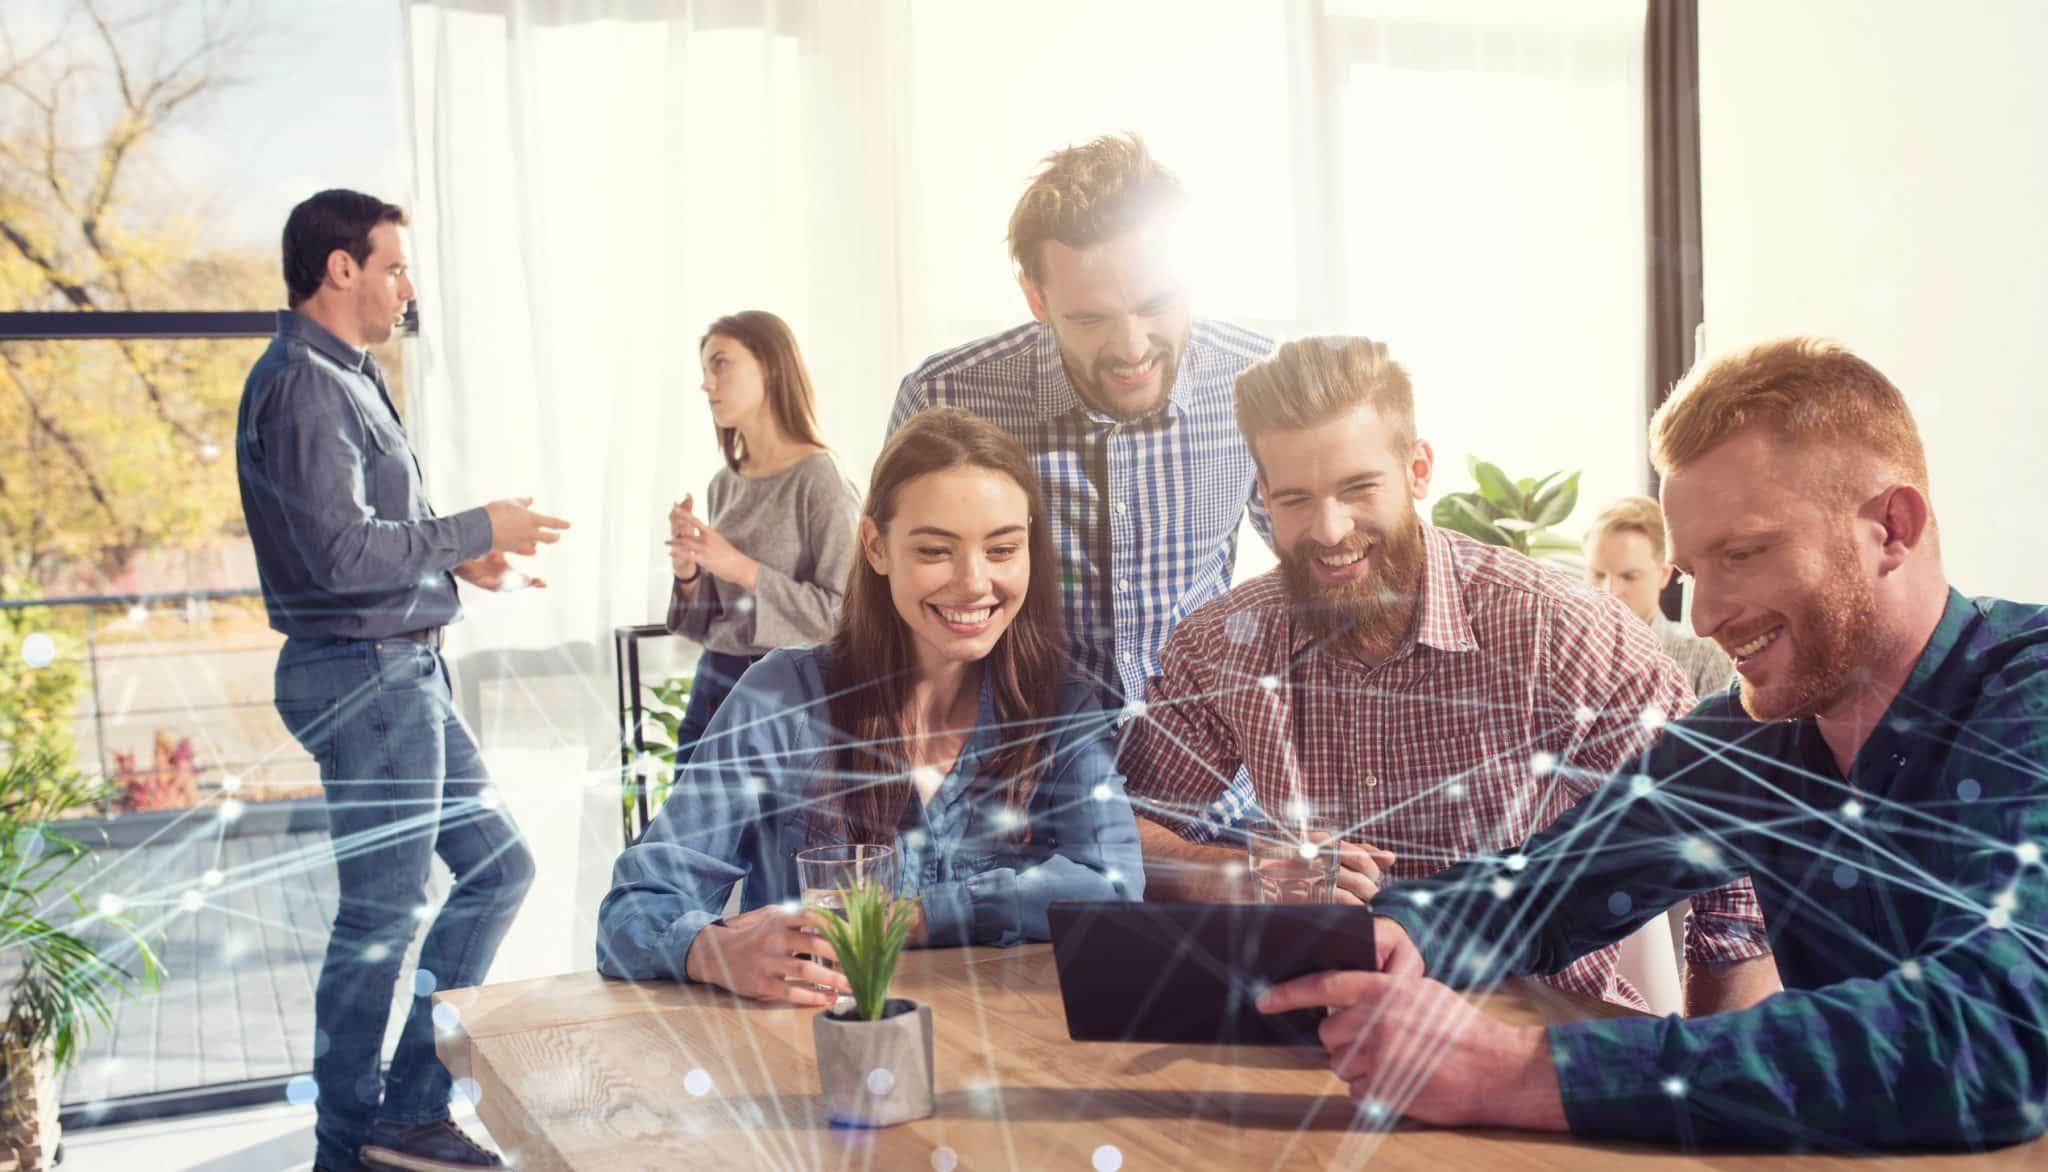 Lehrgang Projektmanager - das Wichtigste im Blick